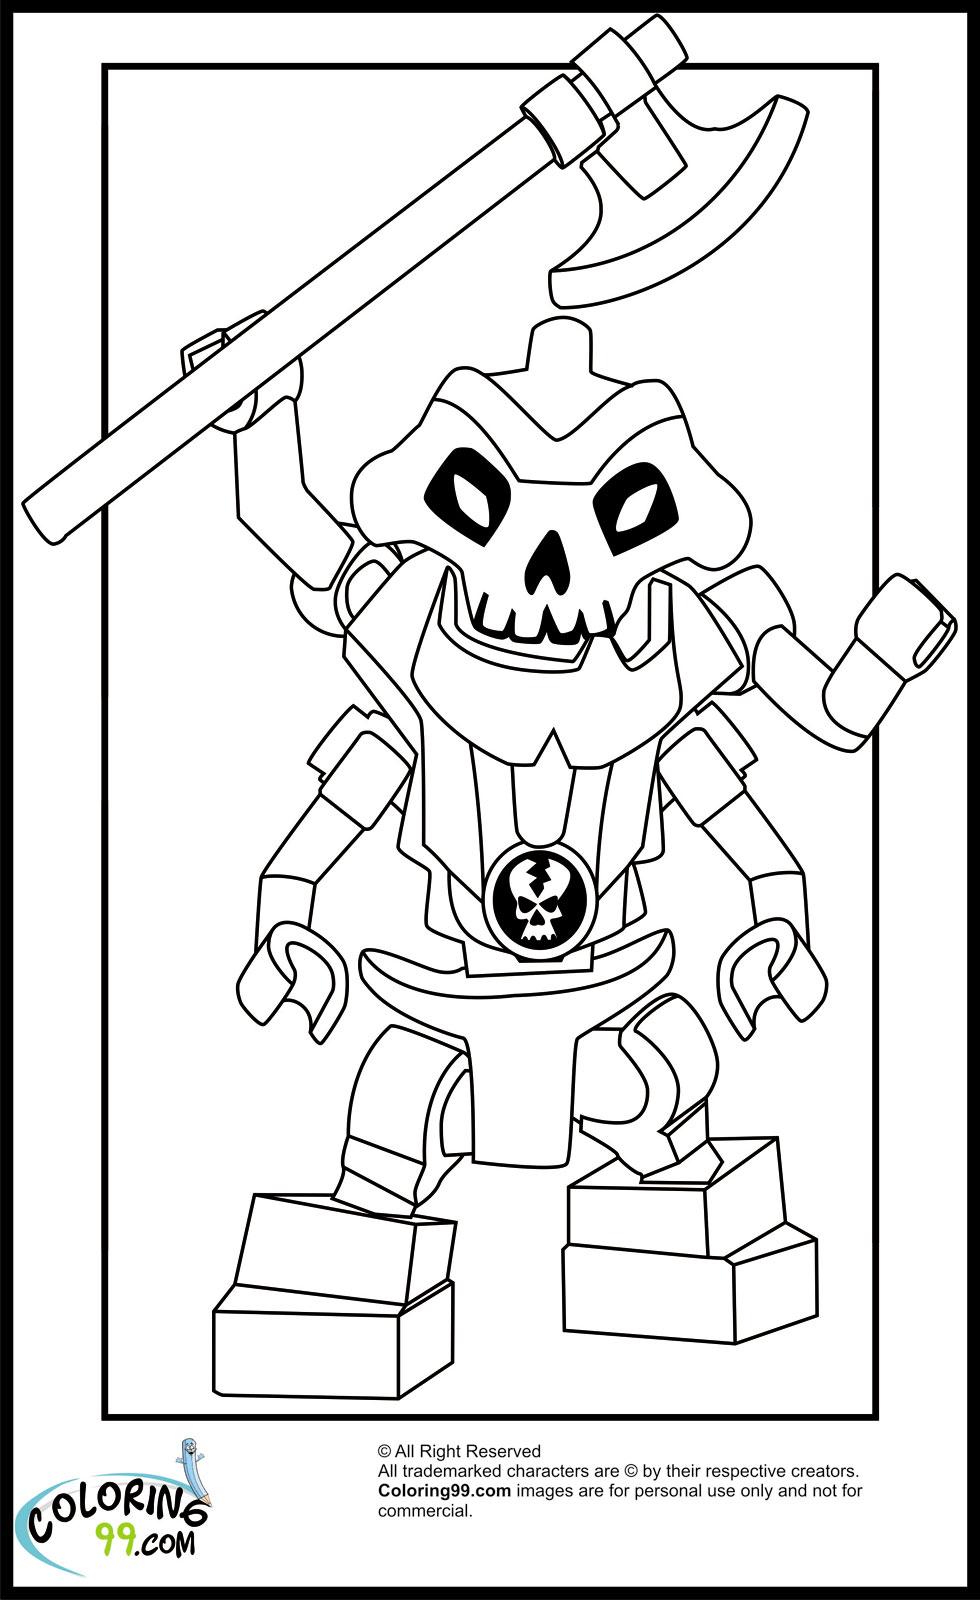 70 Dibujos De Ninjago Para Colorear Oh Kids Page 4